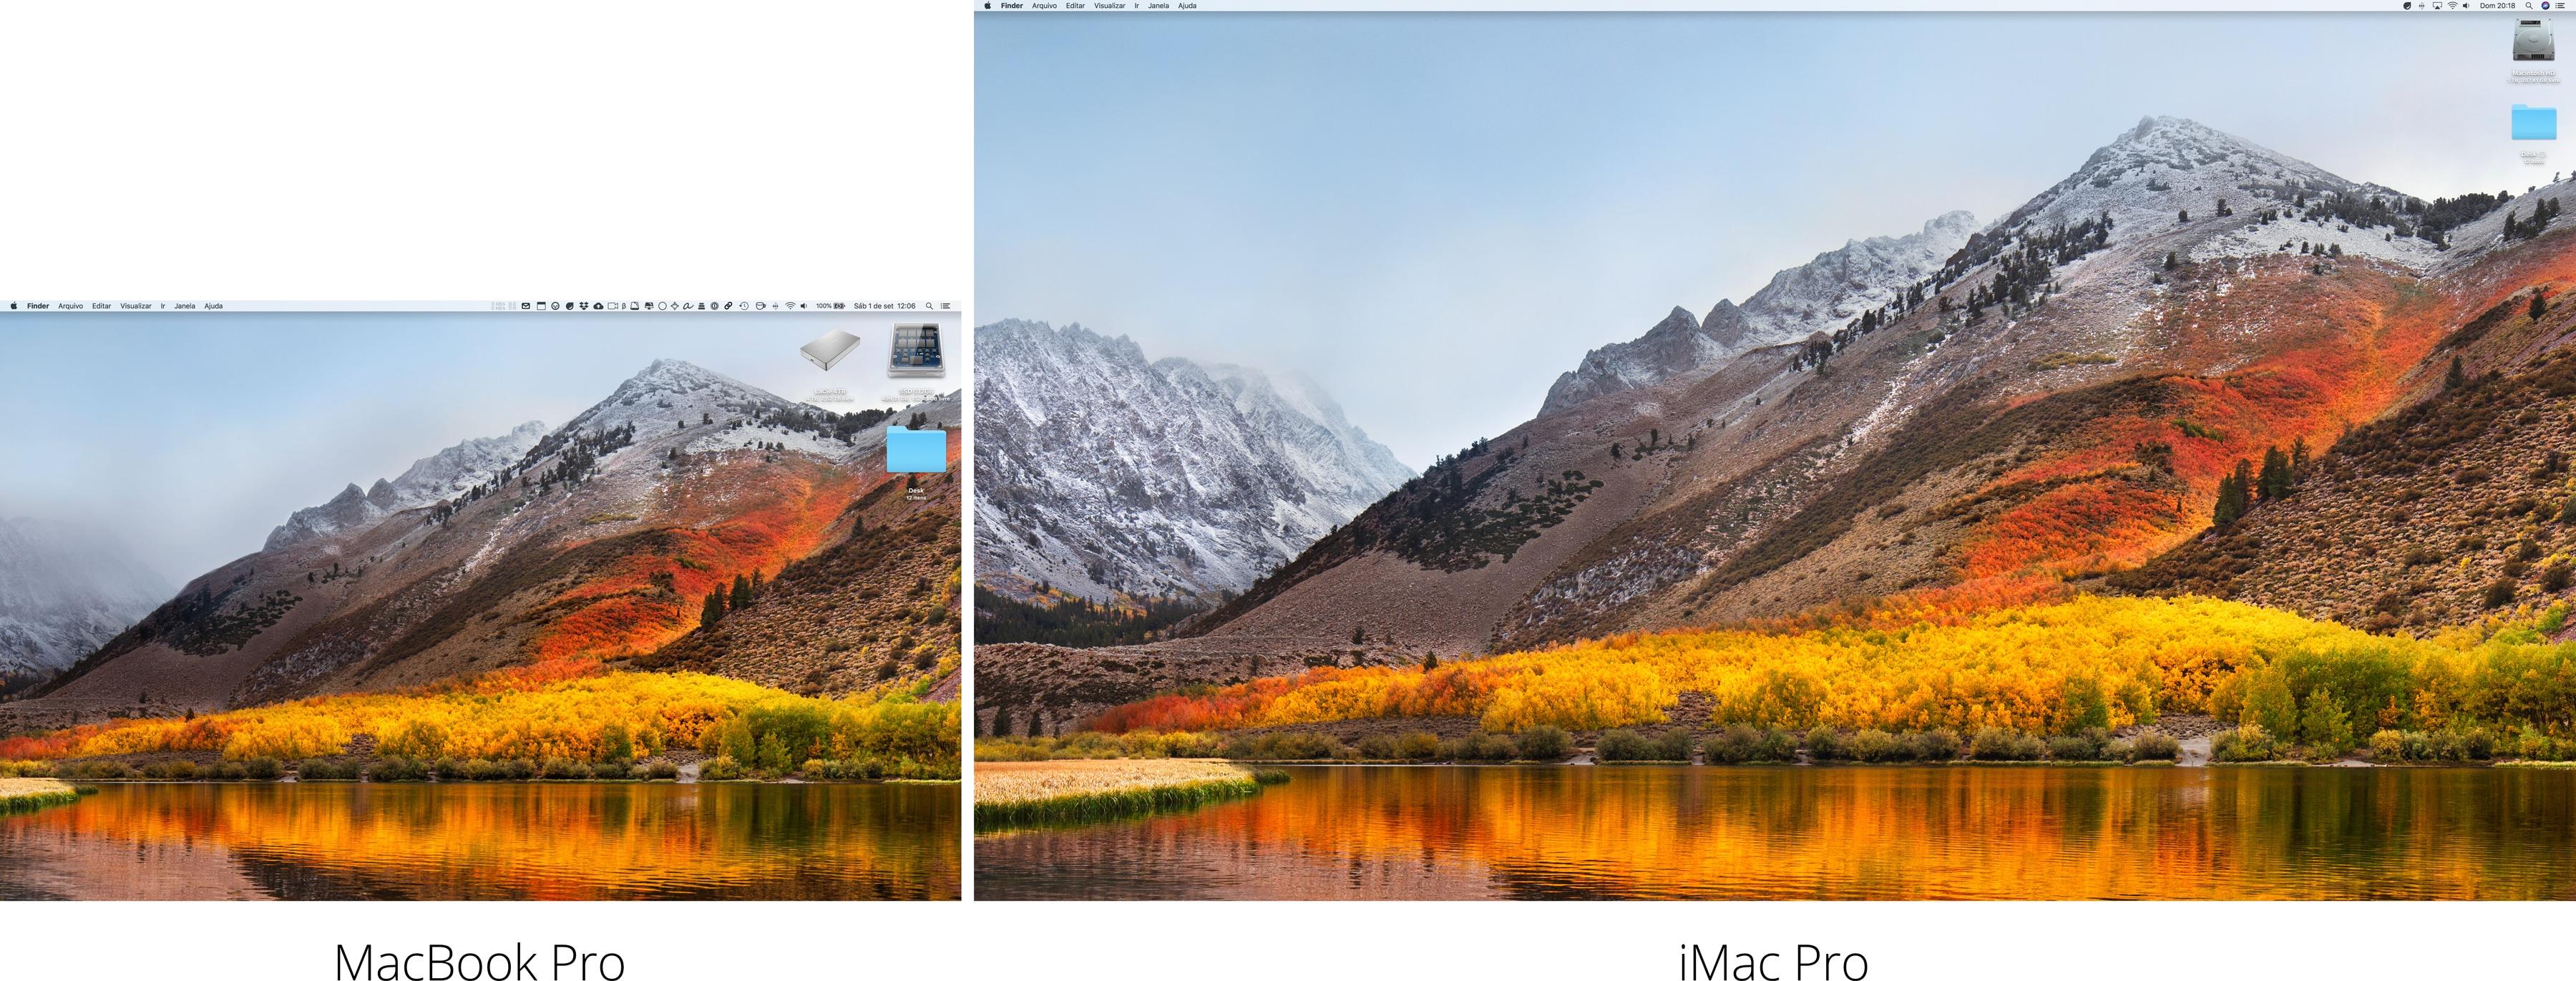 Comparando a tela do MacBook Pro com a do iMac Pro